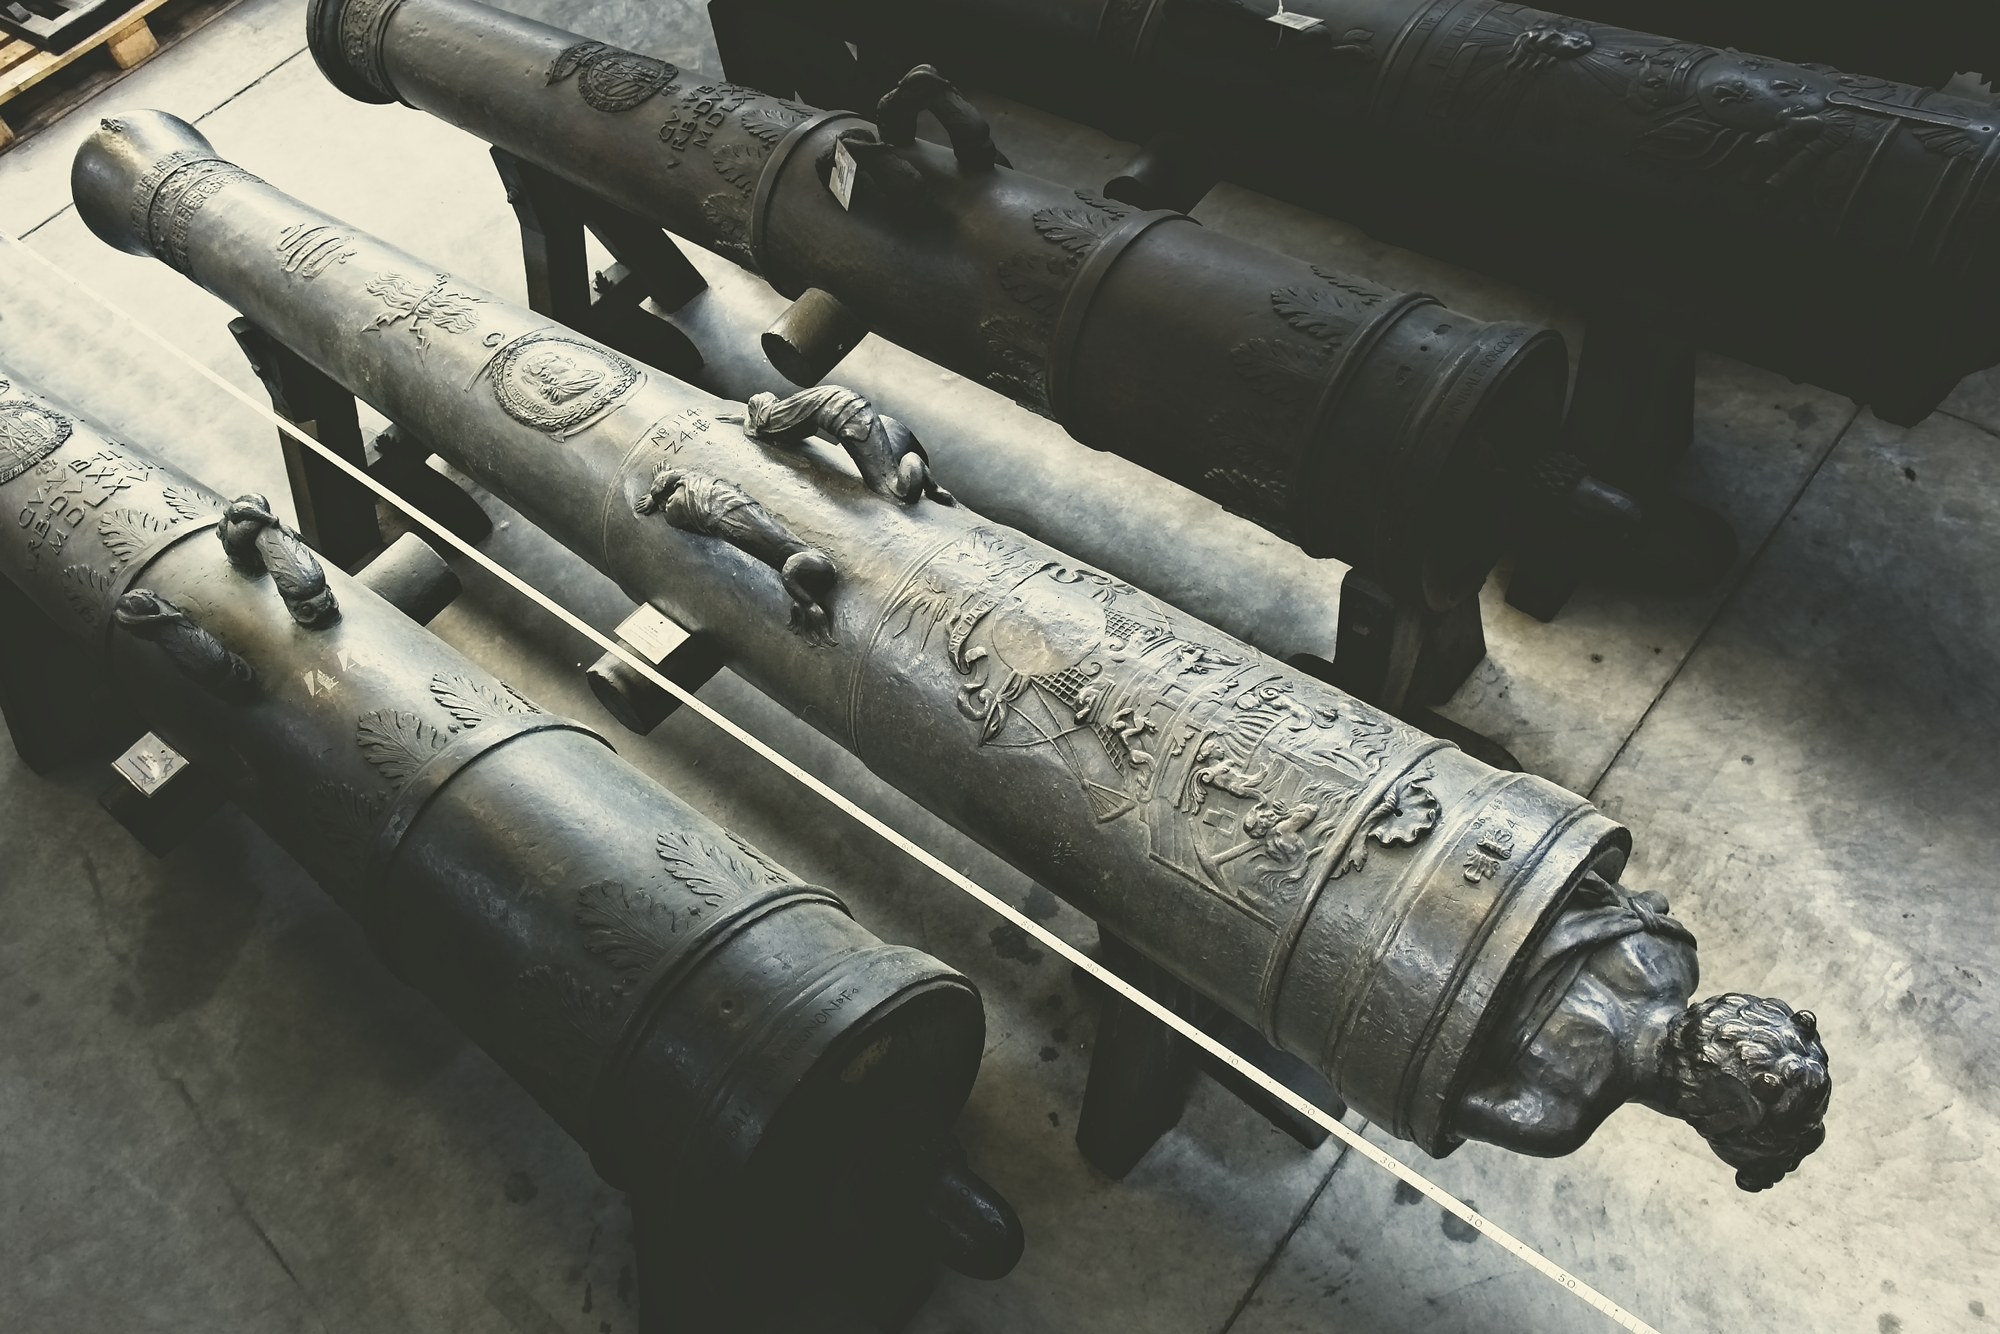 artiglieria antica (mezzo cannone da 24 libbre francesi) di Ravhe de Toulon (officina) - Regno di Francia sec.XVII (sec. XVII, ultimo quarto)